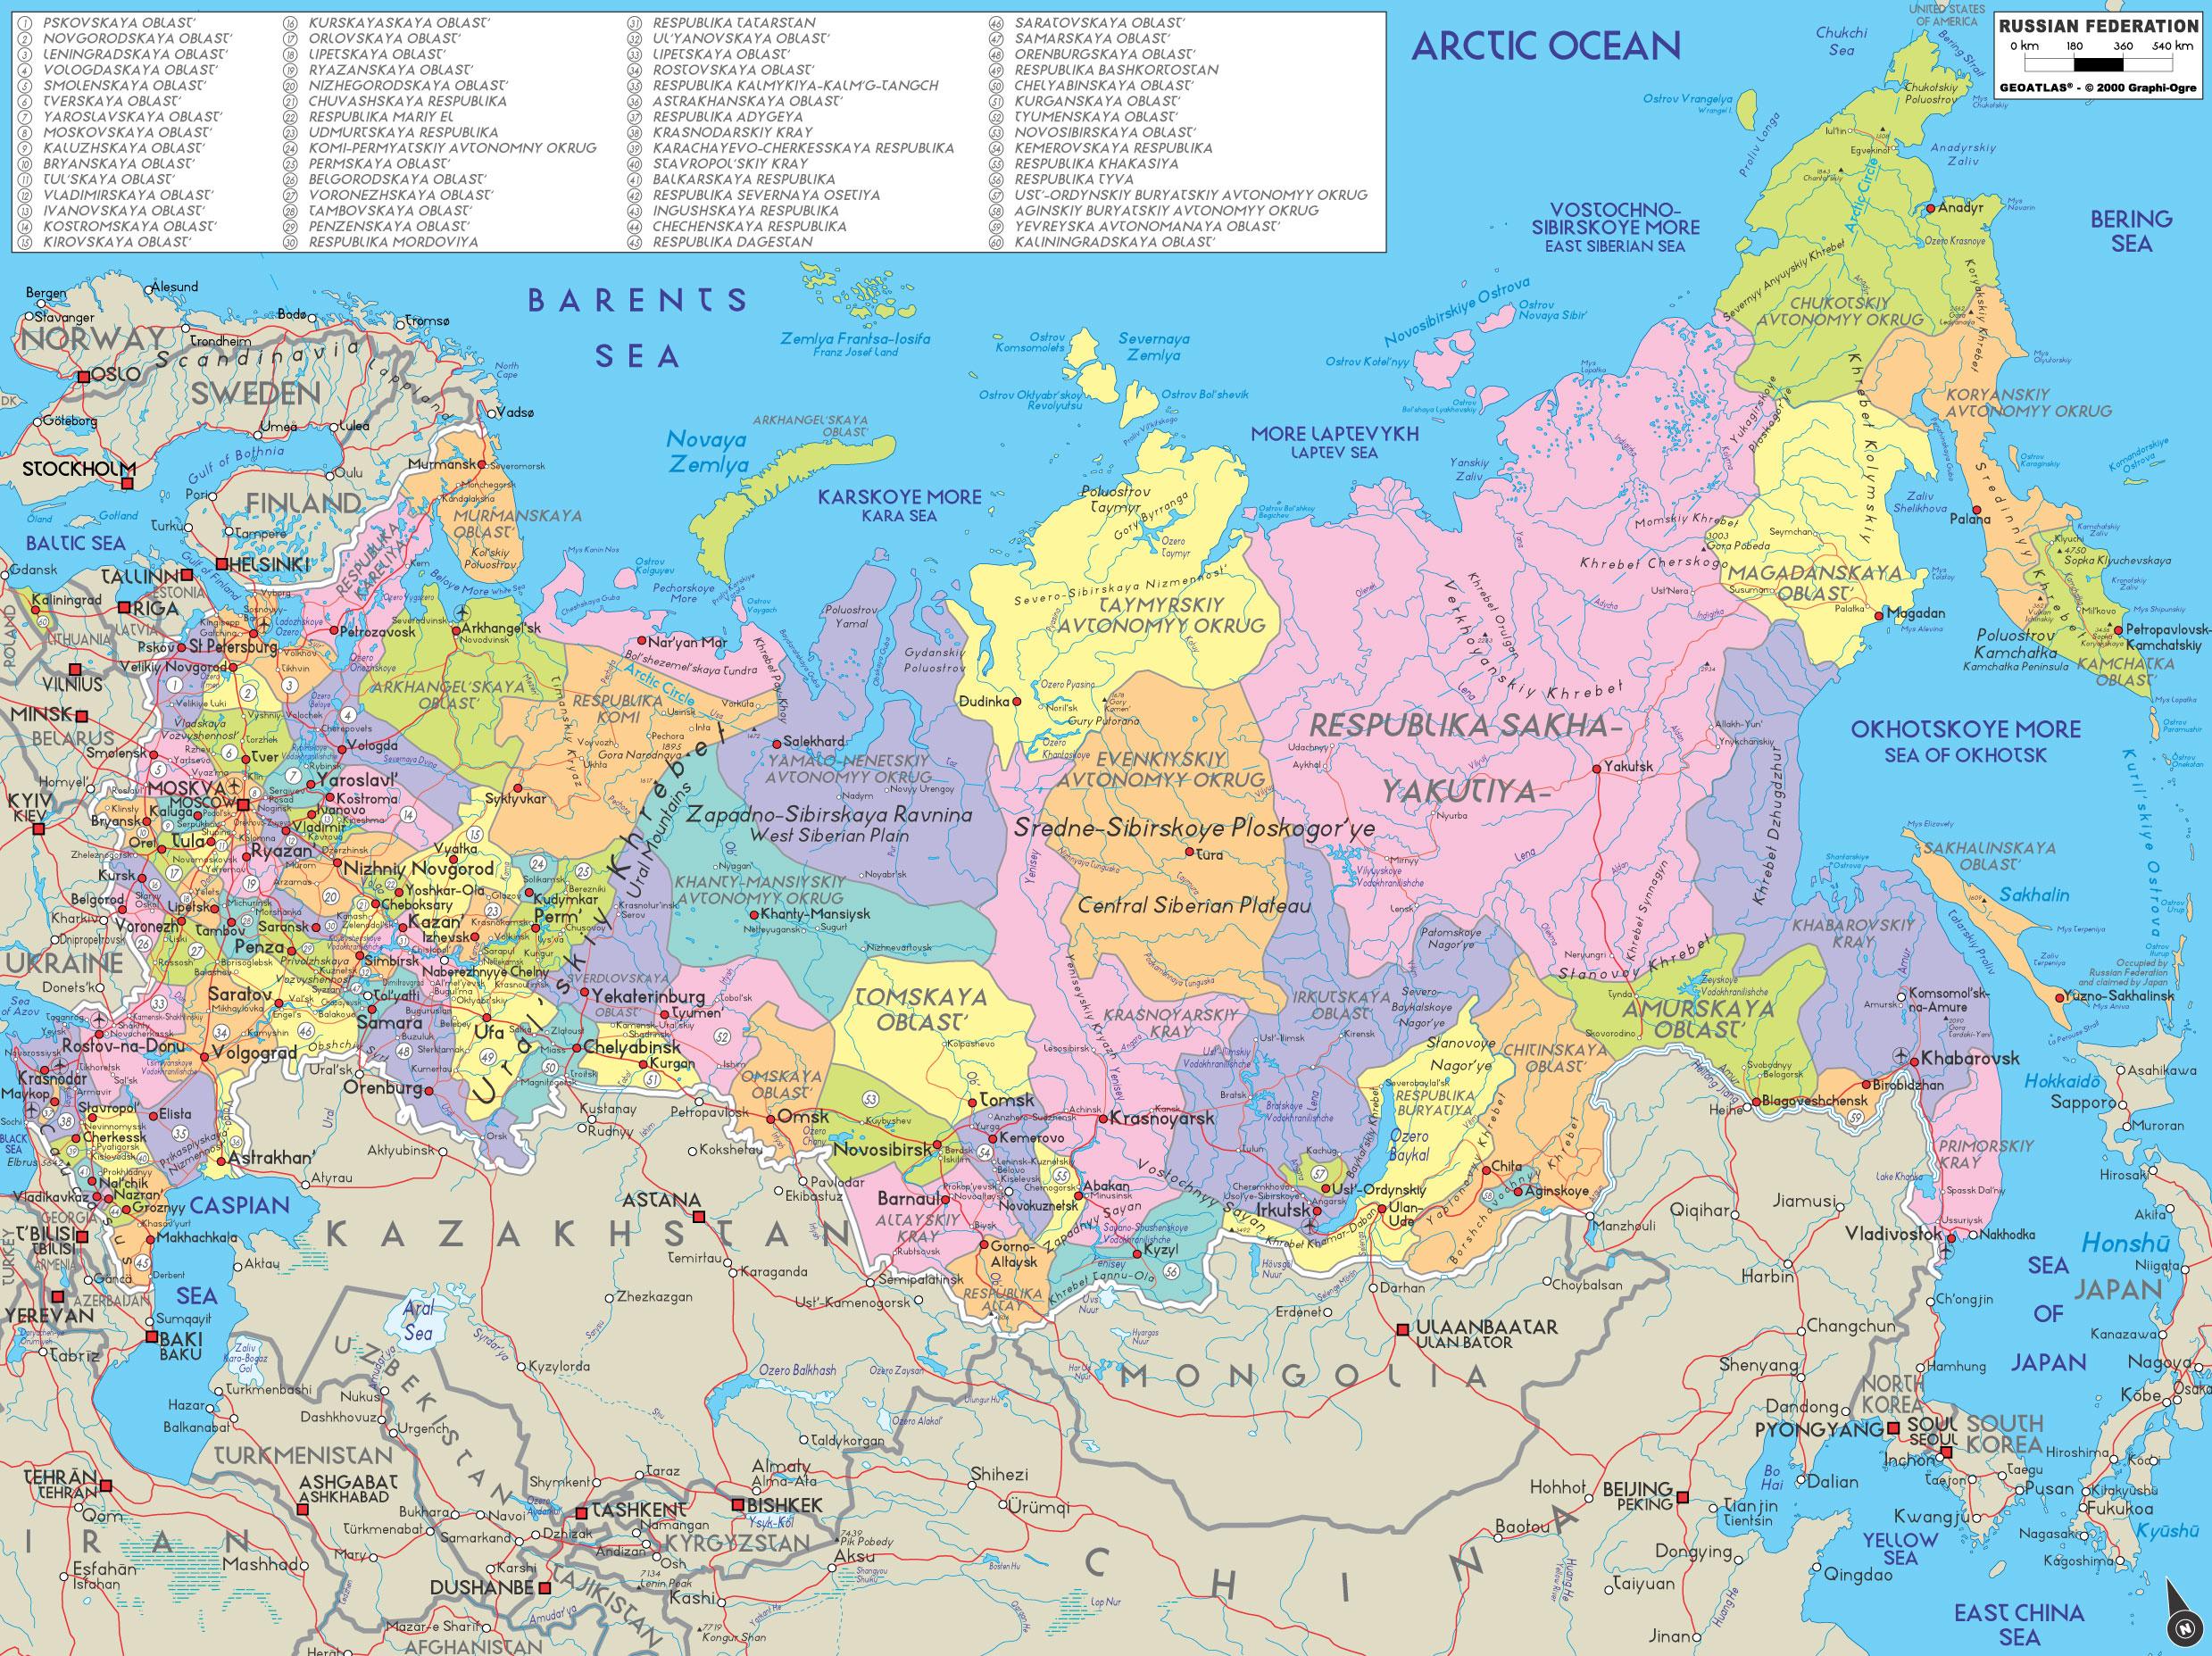 carte europe et russie